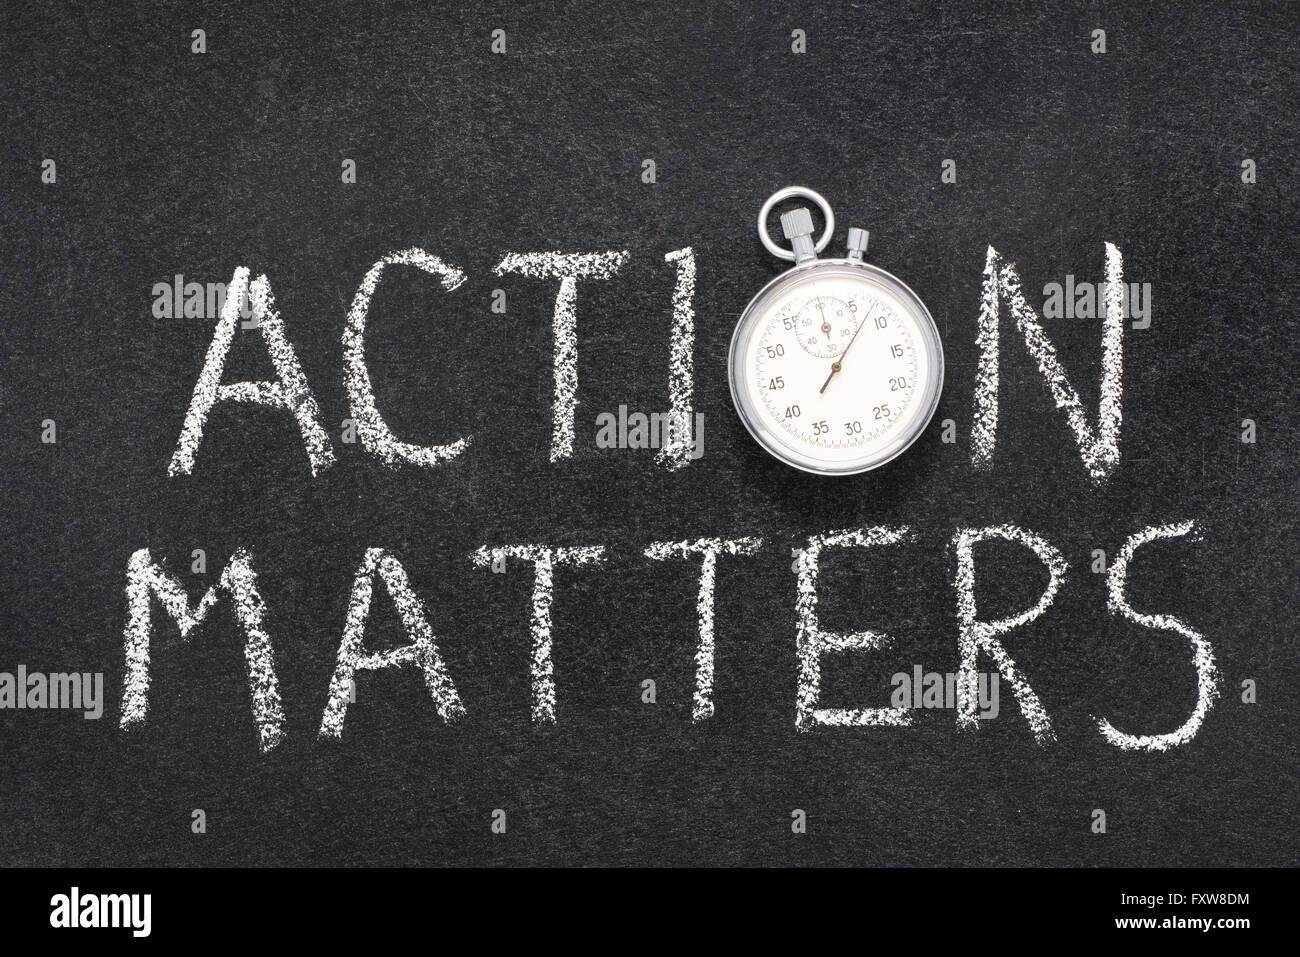 Questioni di azione una frase scritta a mano sulla lavagna con vintage cronometro preciso utilizzato al posto di Immagini Stock